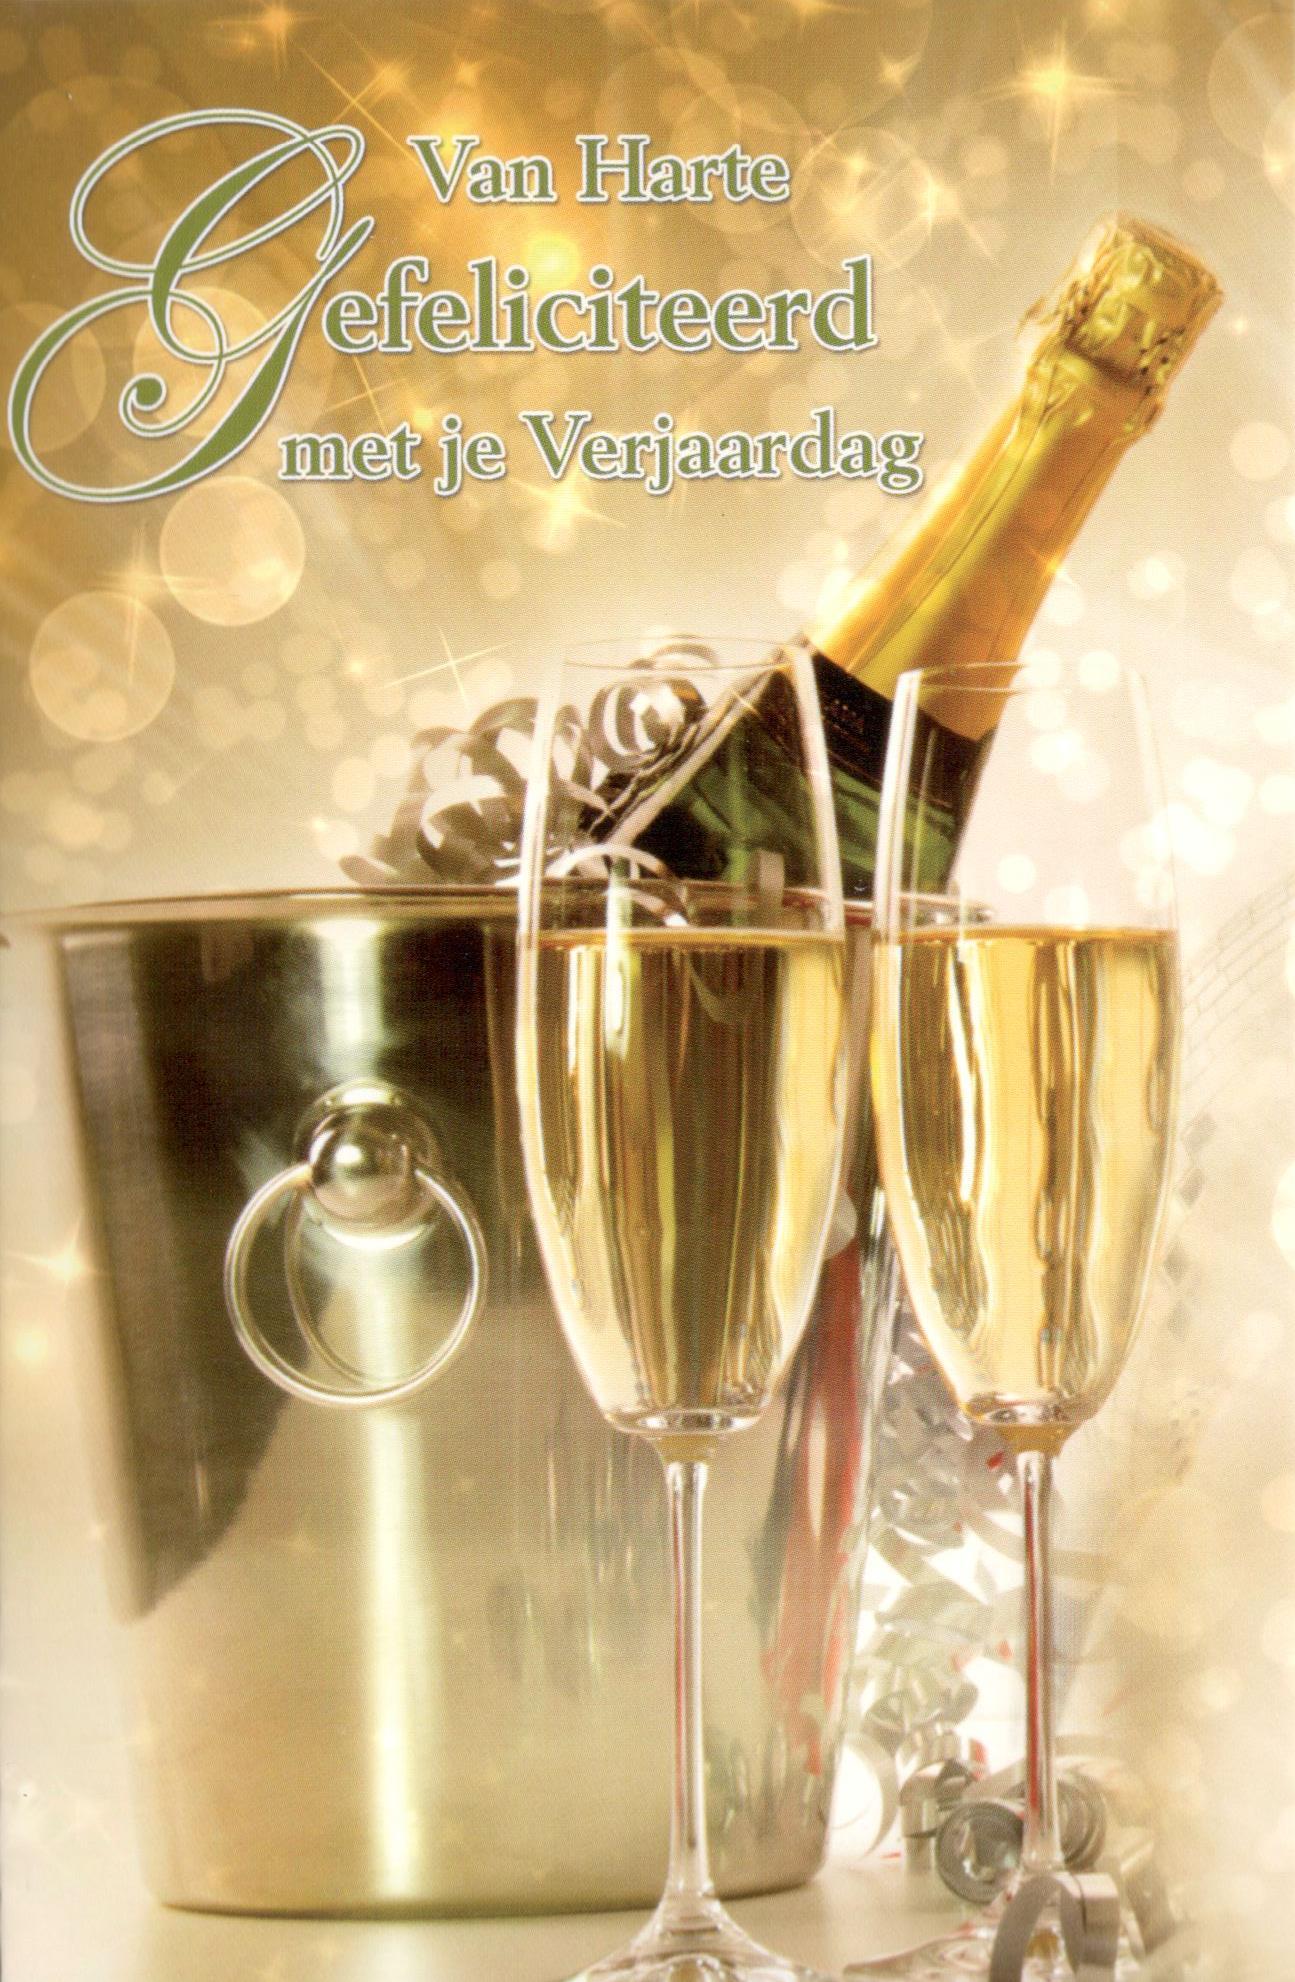 Feestelijke verjaardagskaart met champagne - Chique campagne ...